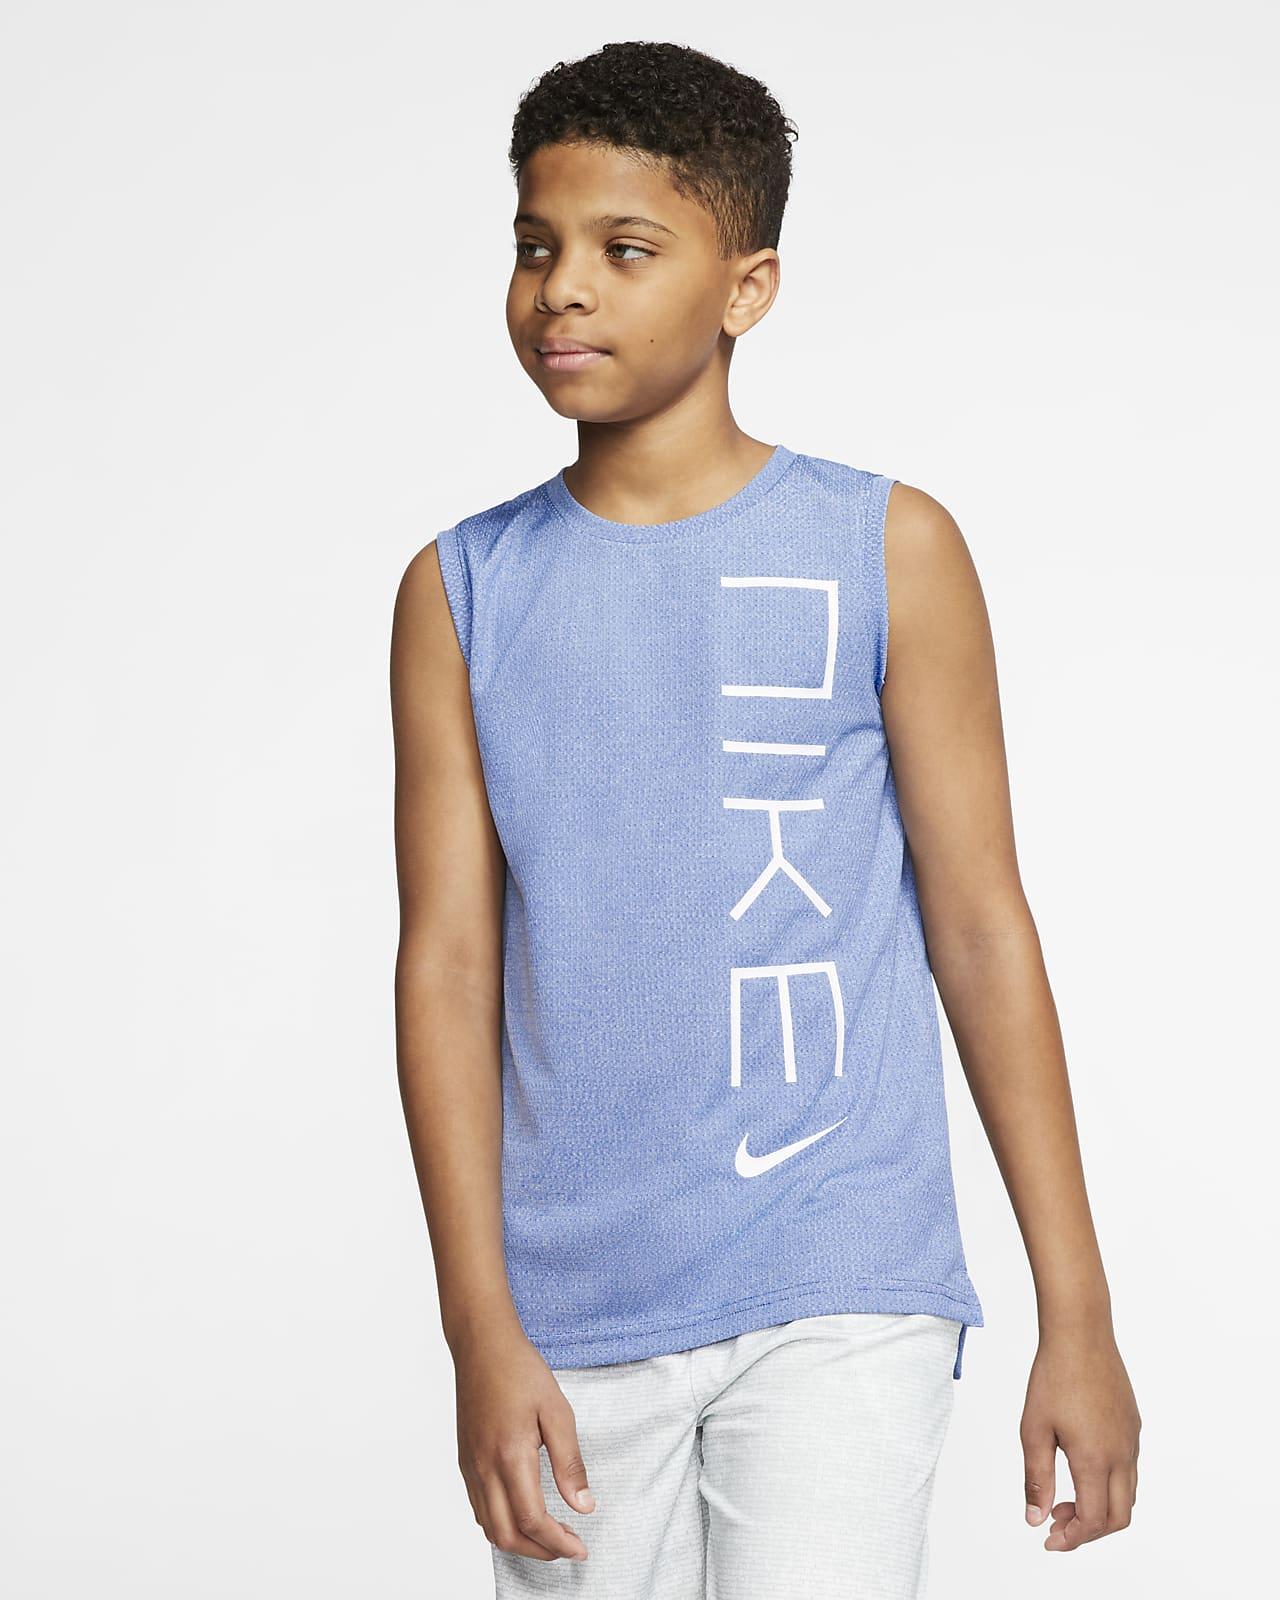 Nike 大童(男孩)无袖训练上衣